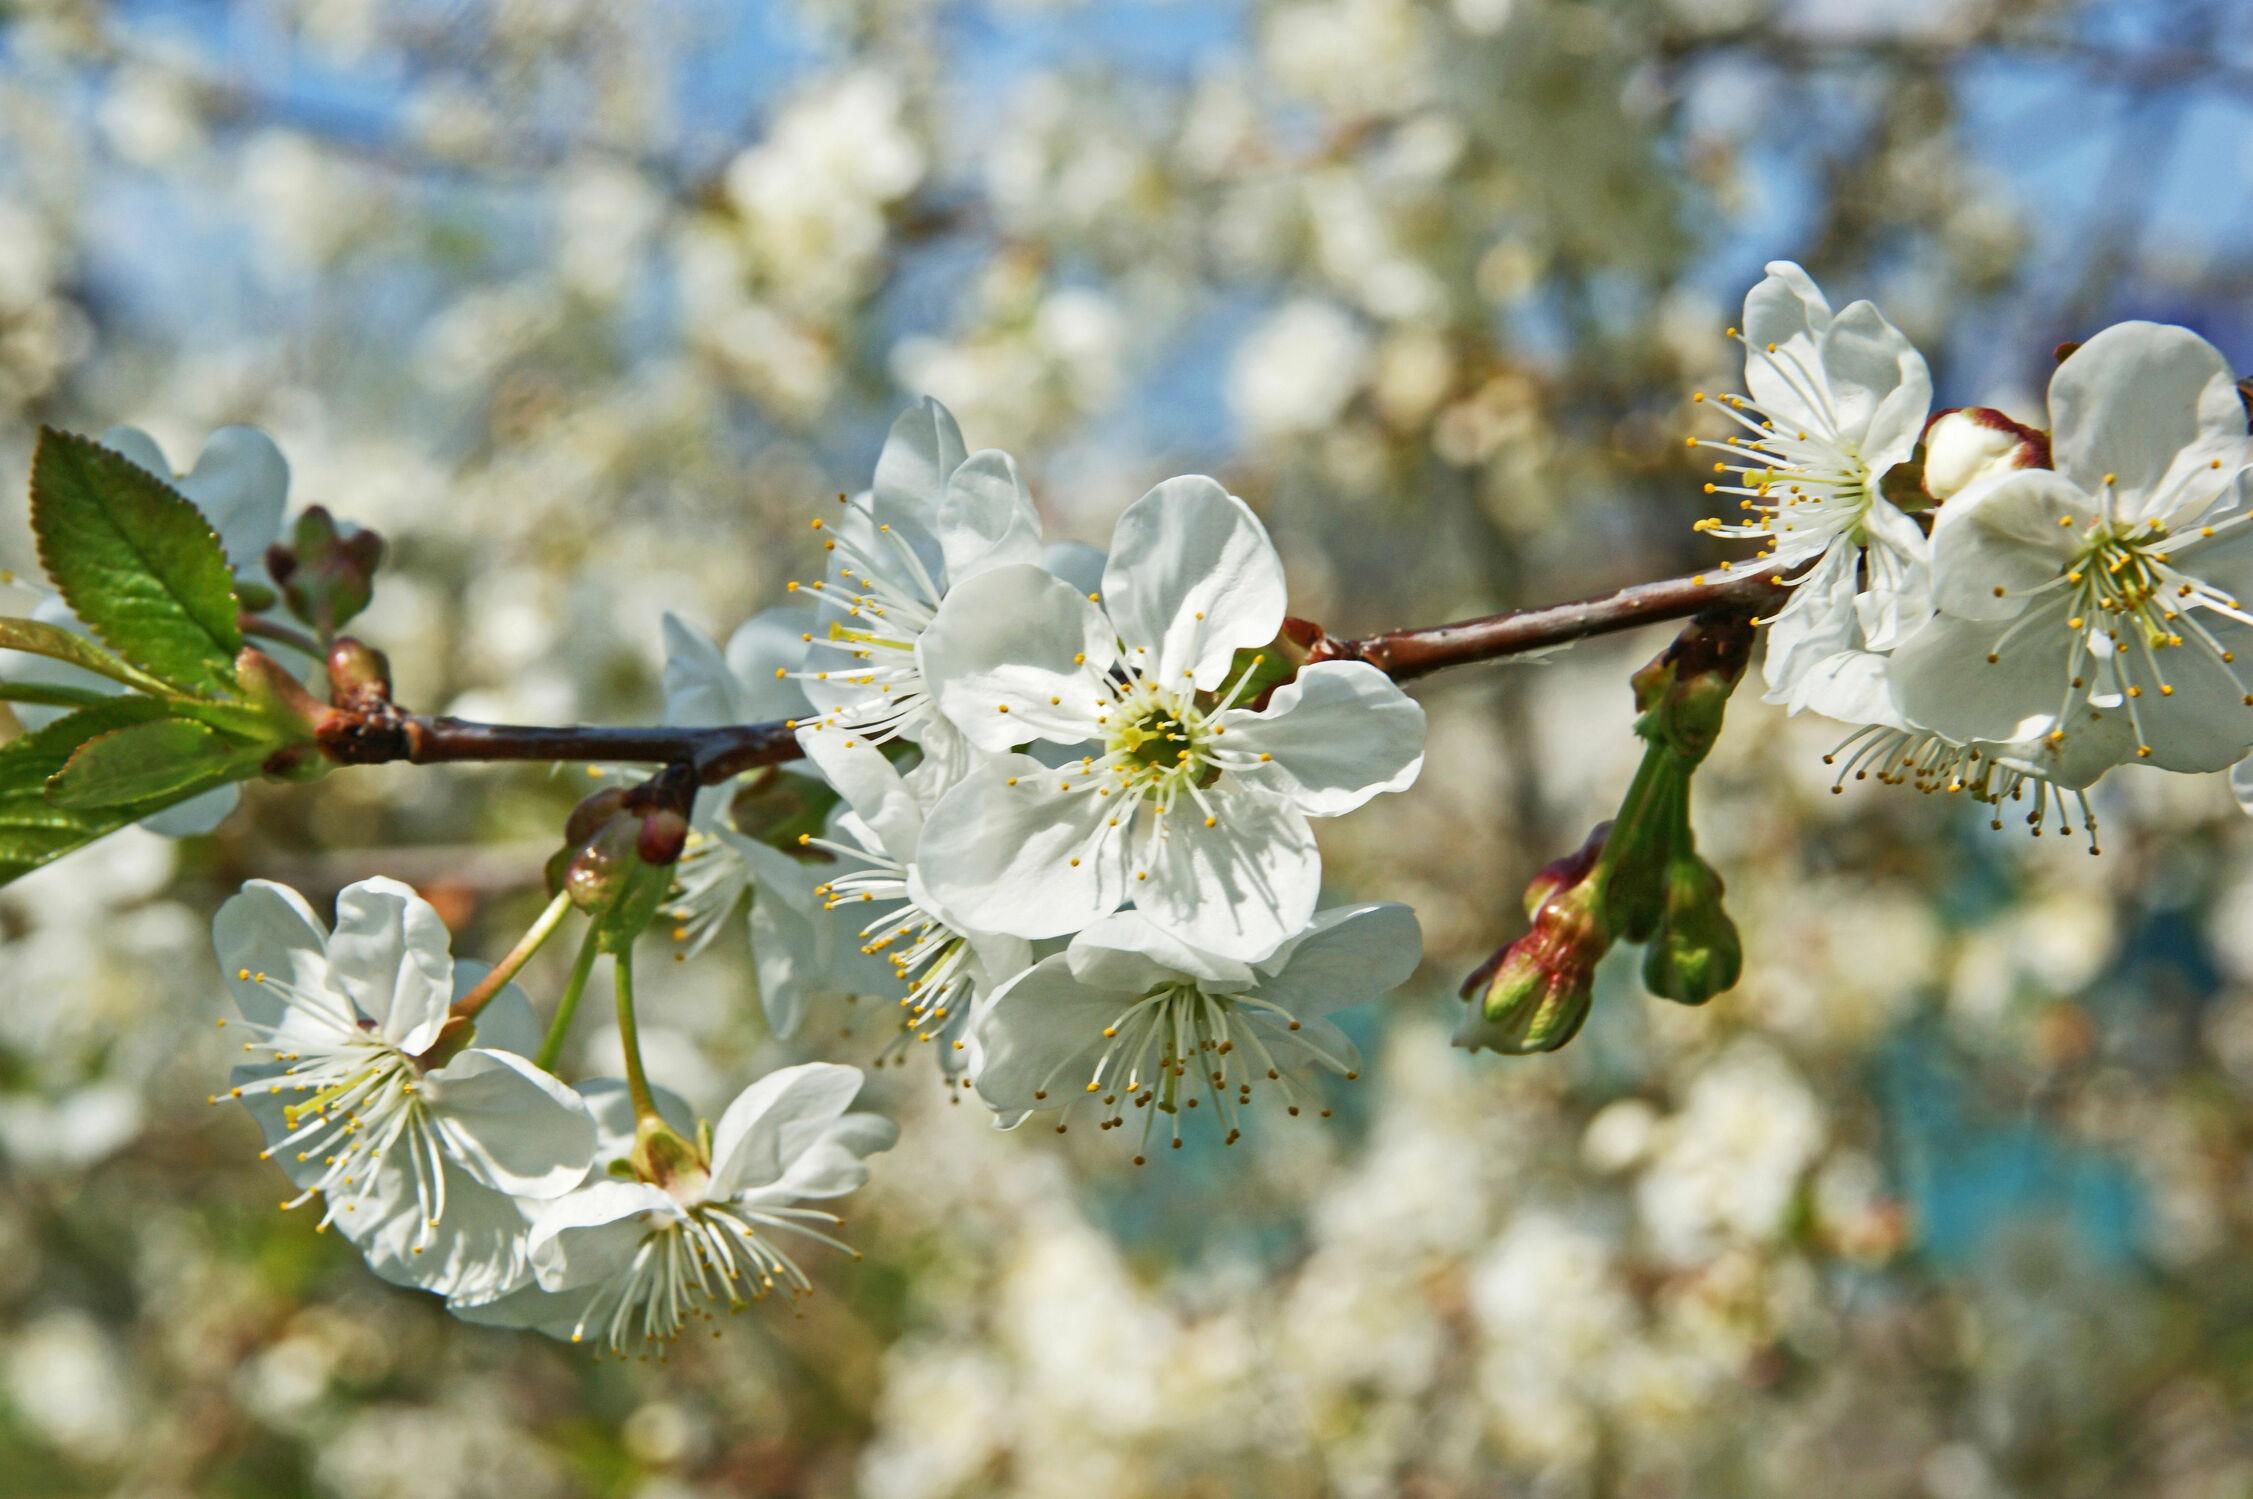 Bild mit Blumen, Blume, Kirschblüten, obstblüten, Blüten, blüte, Kirschblüte